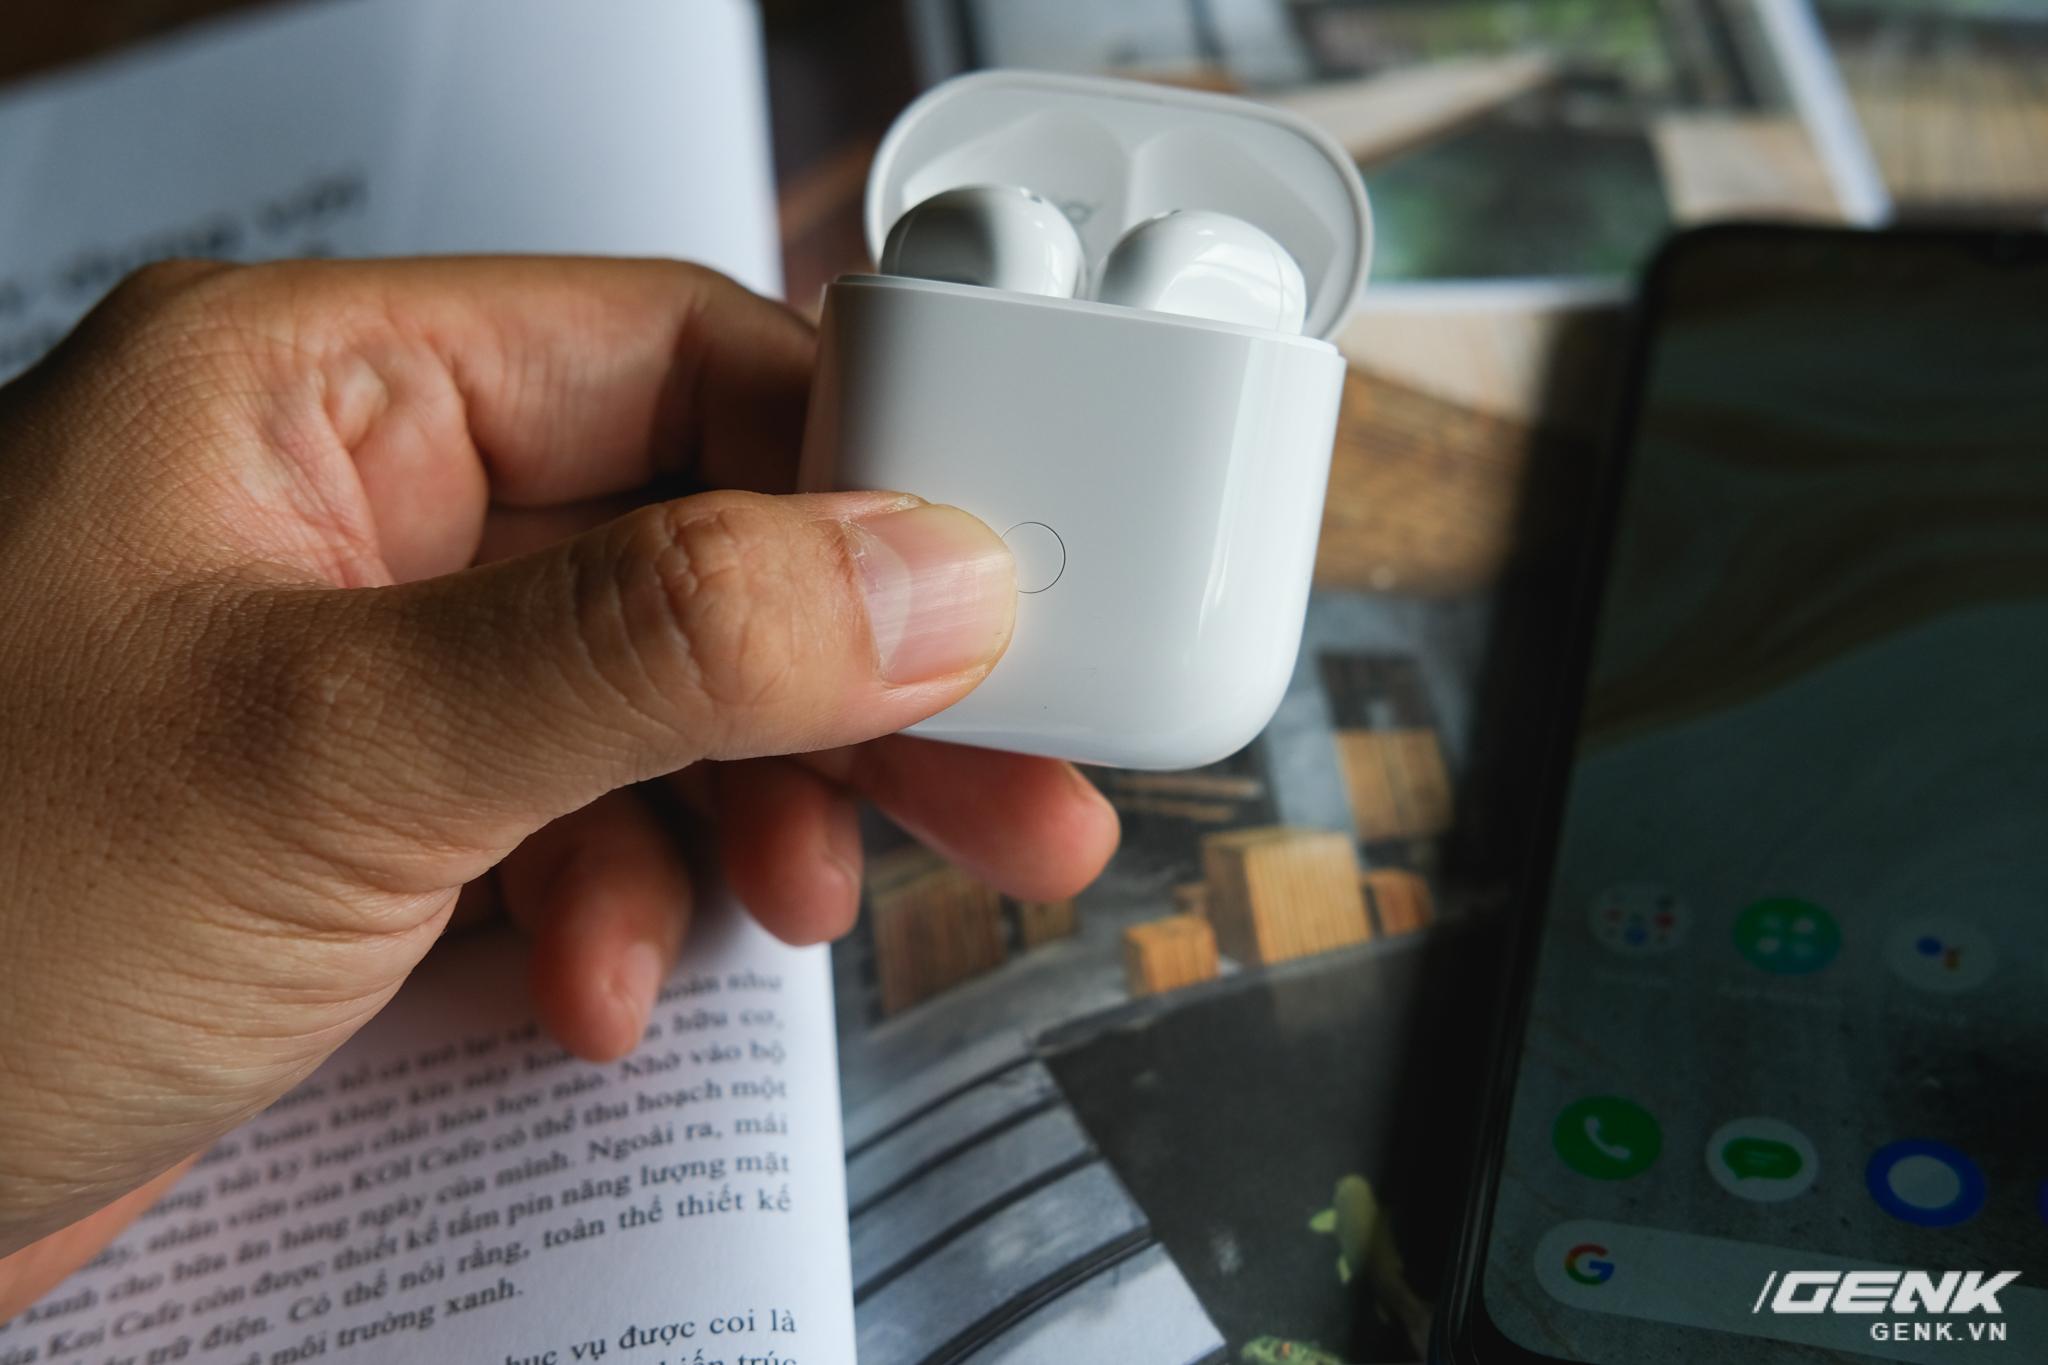 Trên tay tai nghe không dây Realme Buds Air Neo: Thoạt nhìn tưởng AirPods, có điều giá chưa đến 2 triệu đồng - Ảnh 13.